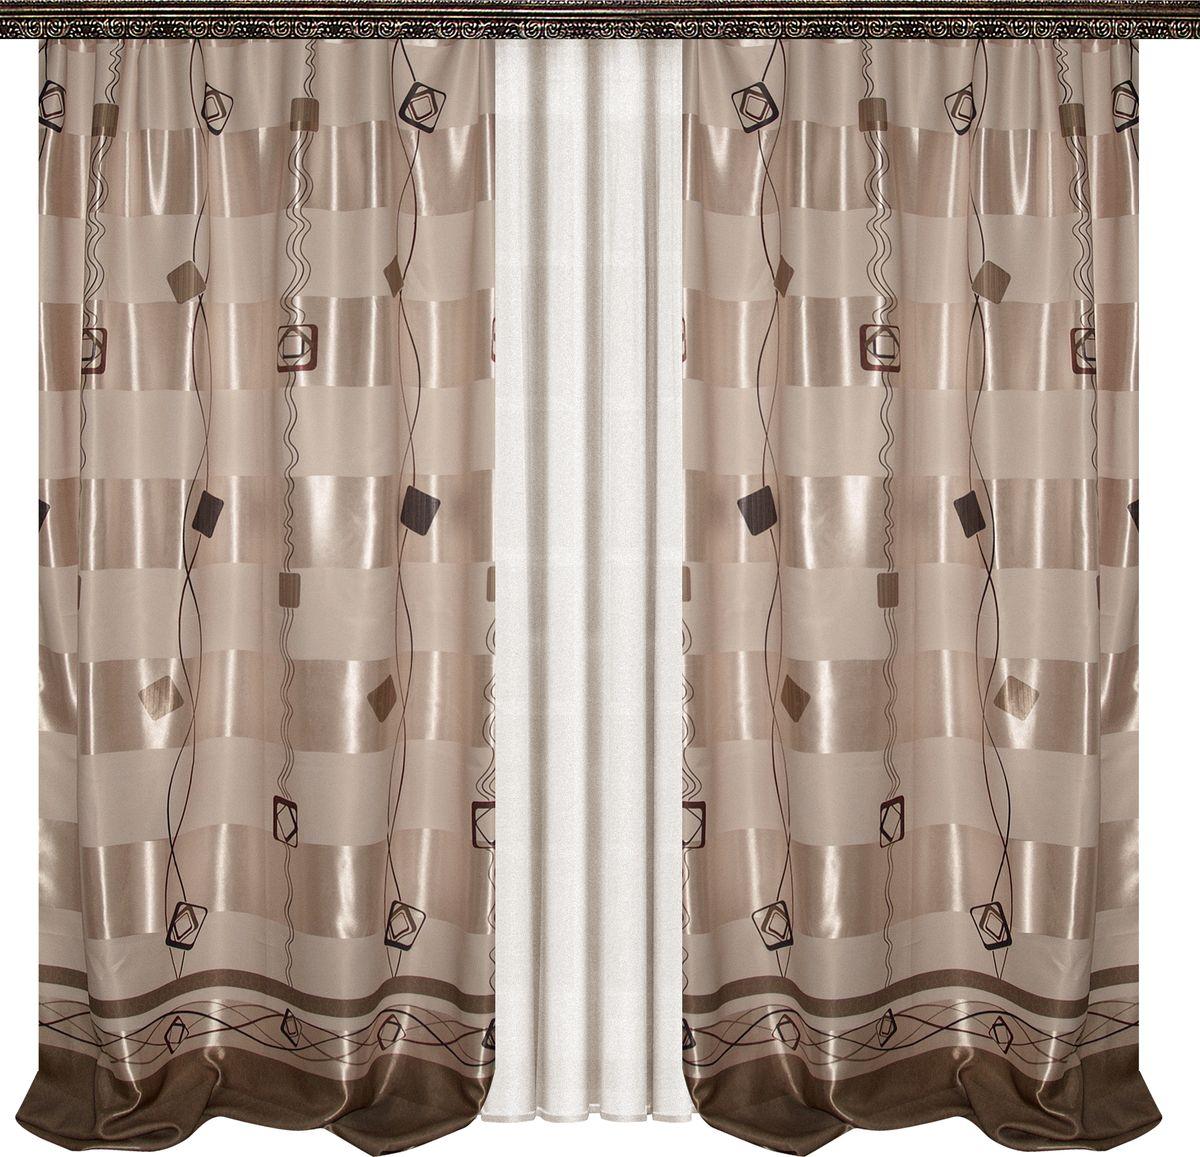 Комплект штор Zlata Korunka, на ленте, цвет: бежевый, высота 270 см. 777043777043Роскошный комплект штор Zlata Korunka, выполненный из 100% полиэстера, великолепно украсит любое окно. Комплект состоит из двух штор и тюли из белой вуали. Плотная ткань, оригинальный орнамент и приятная, приглушенная гамма привлекут к себе внимание и органично впишутся в интерьер помещения. Комплект крепится на карниз при помощи шторной ленты, которая поможет красиво и равномерно задрапировать верх. Этот комплект будет долгое время радовать вас и вашу семью! В комплект входит: Штора: 2 шт. Размер (ШхВ): 160 см х 270 см. Тюль: 1 шт. Размер (ШхВ): 400 см х 270 см.